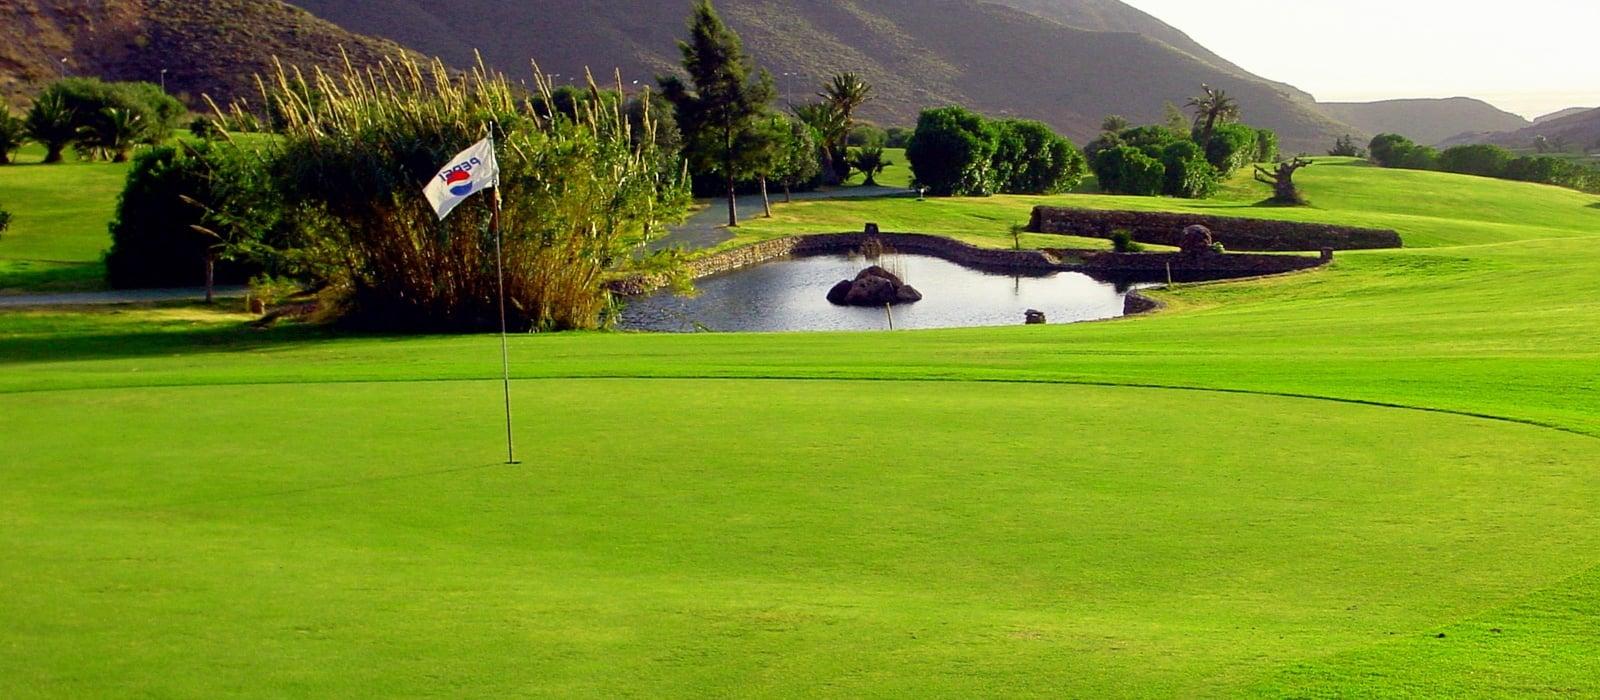 Campo da Golf - Vincci Selección Envía Almería Wellness & Golf